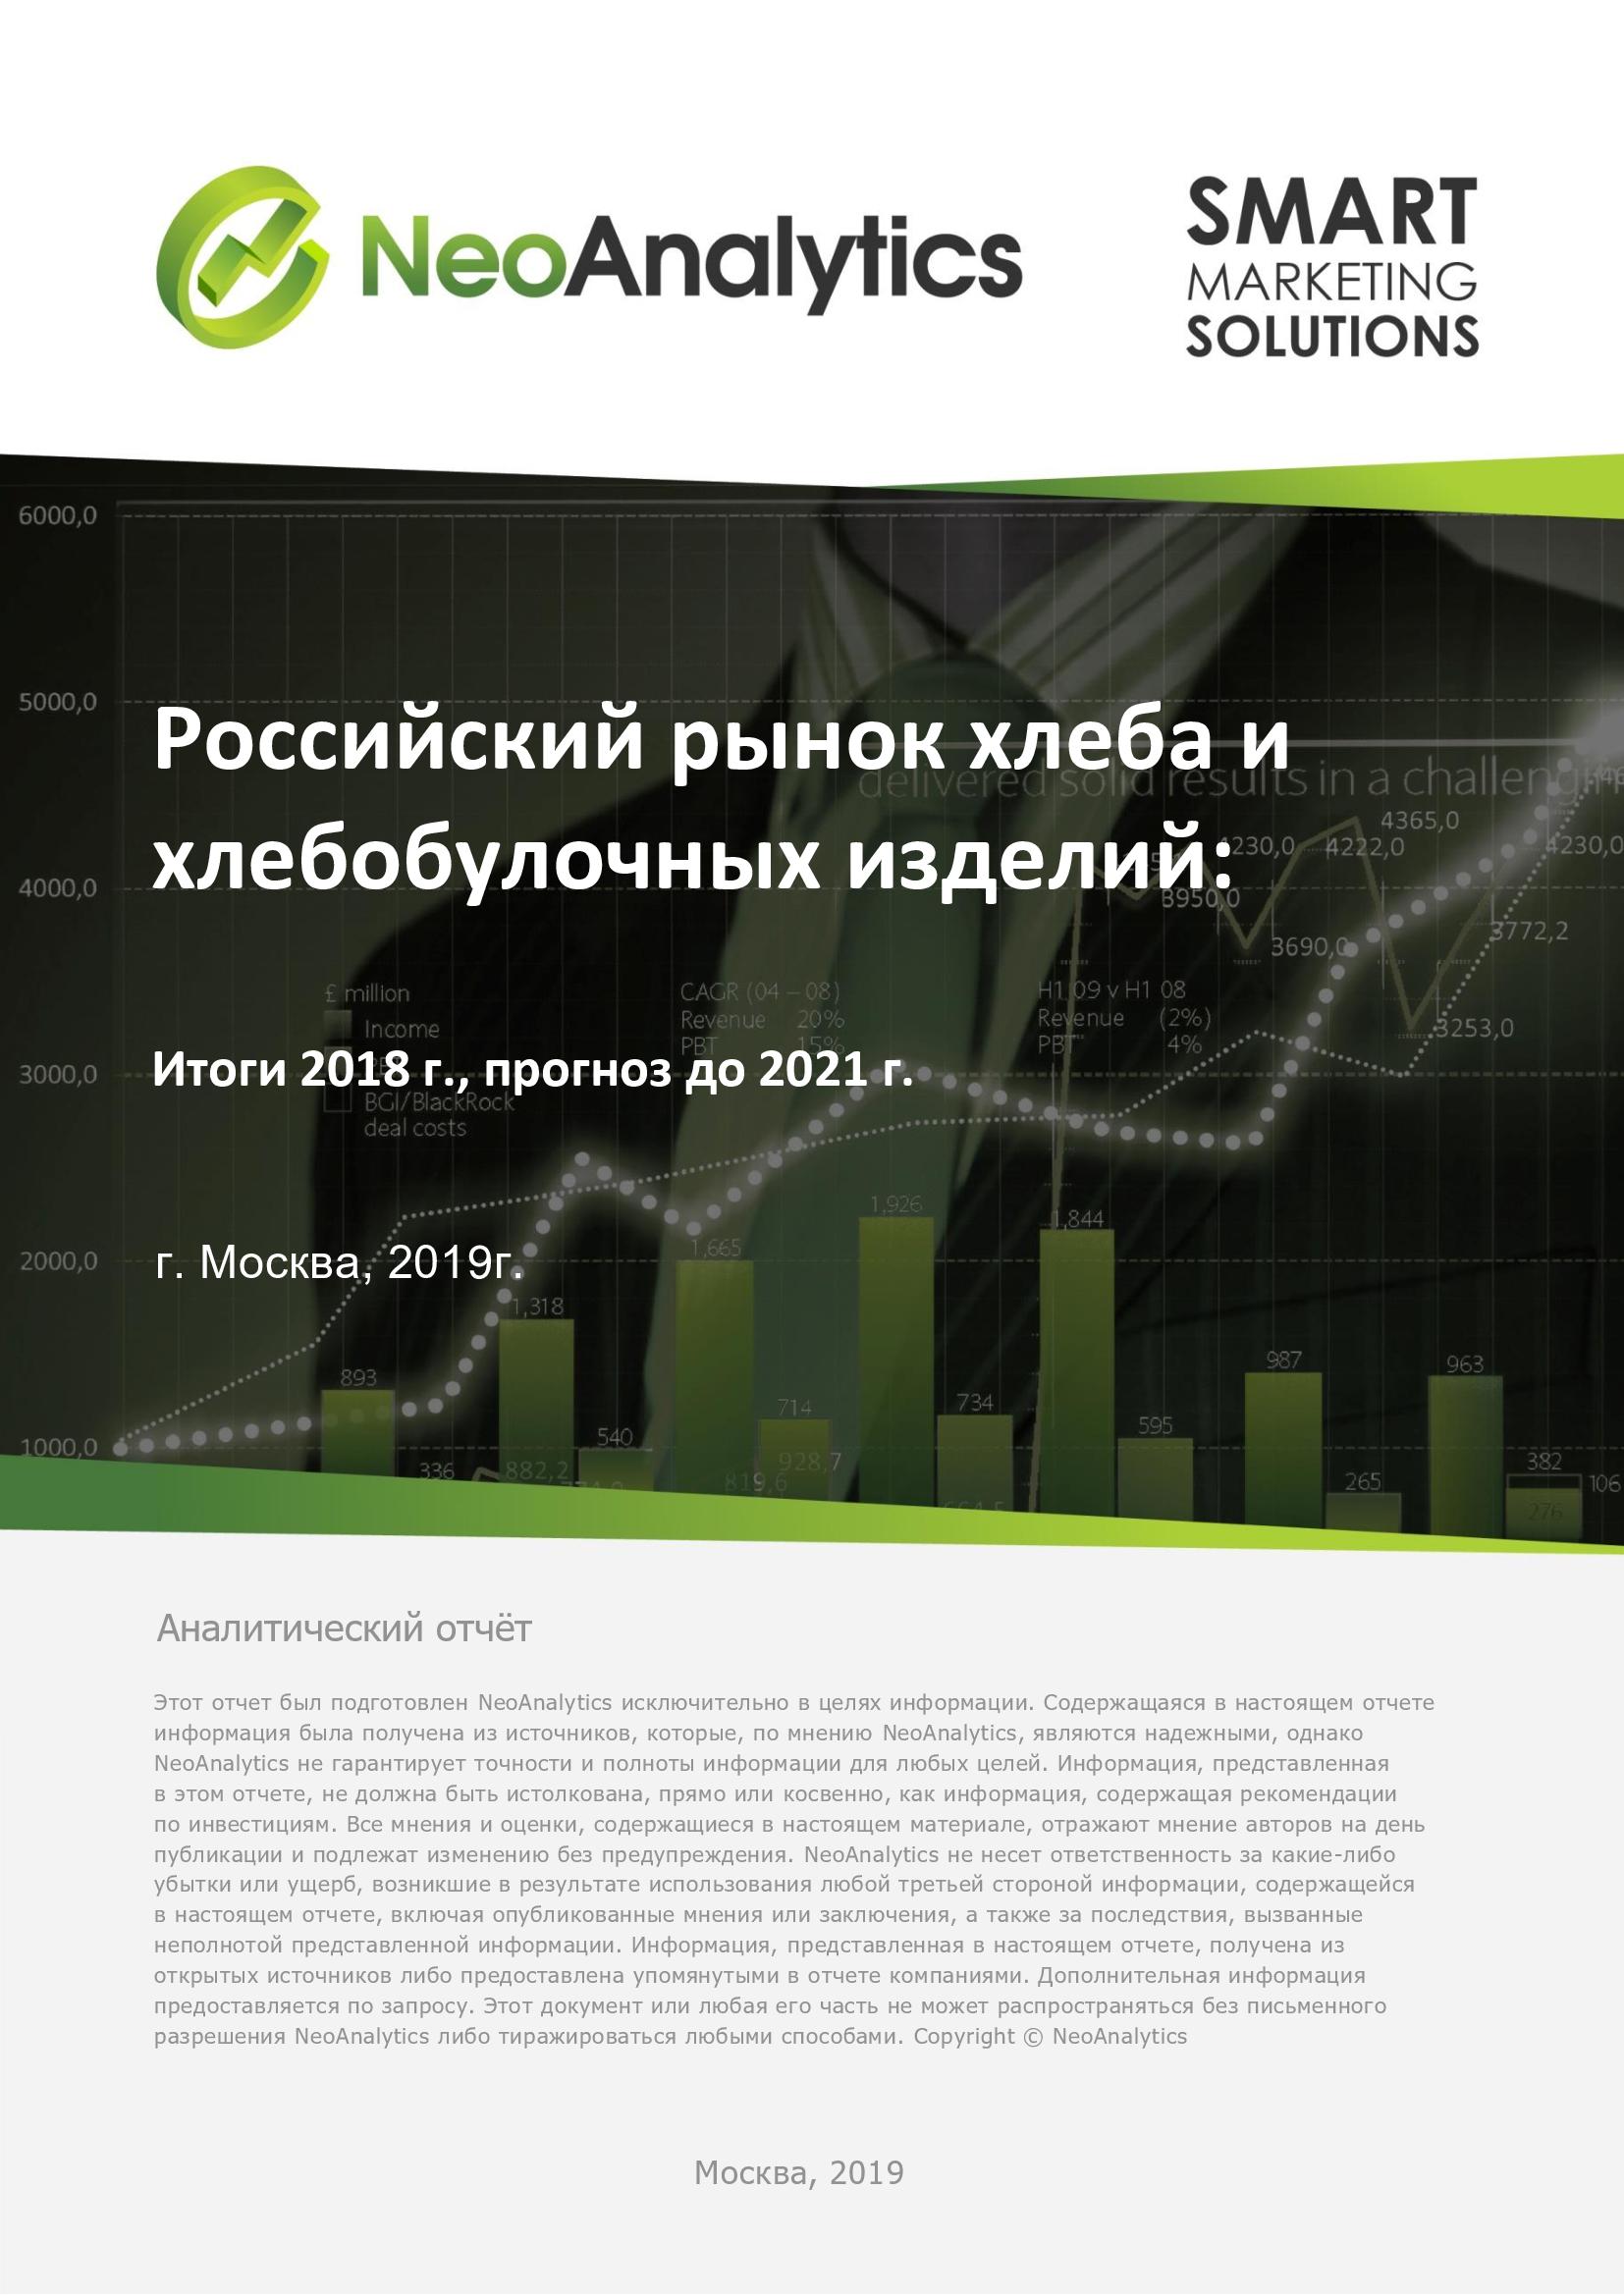 Анализ  российского рынка хлеба и хлебобулочных изделий: итоги 2018 г., прогноз до 2021 г.